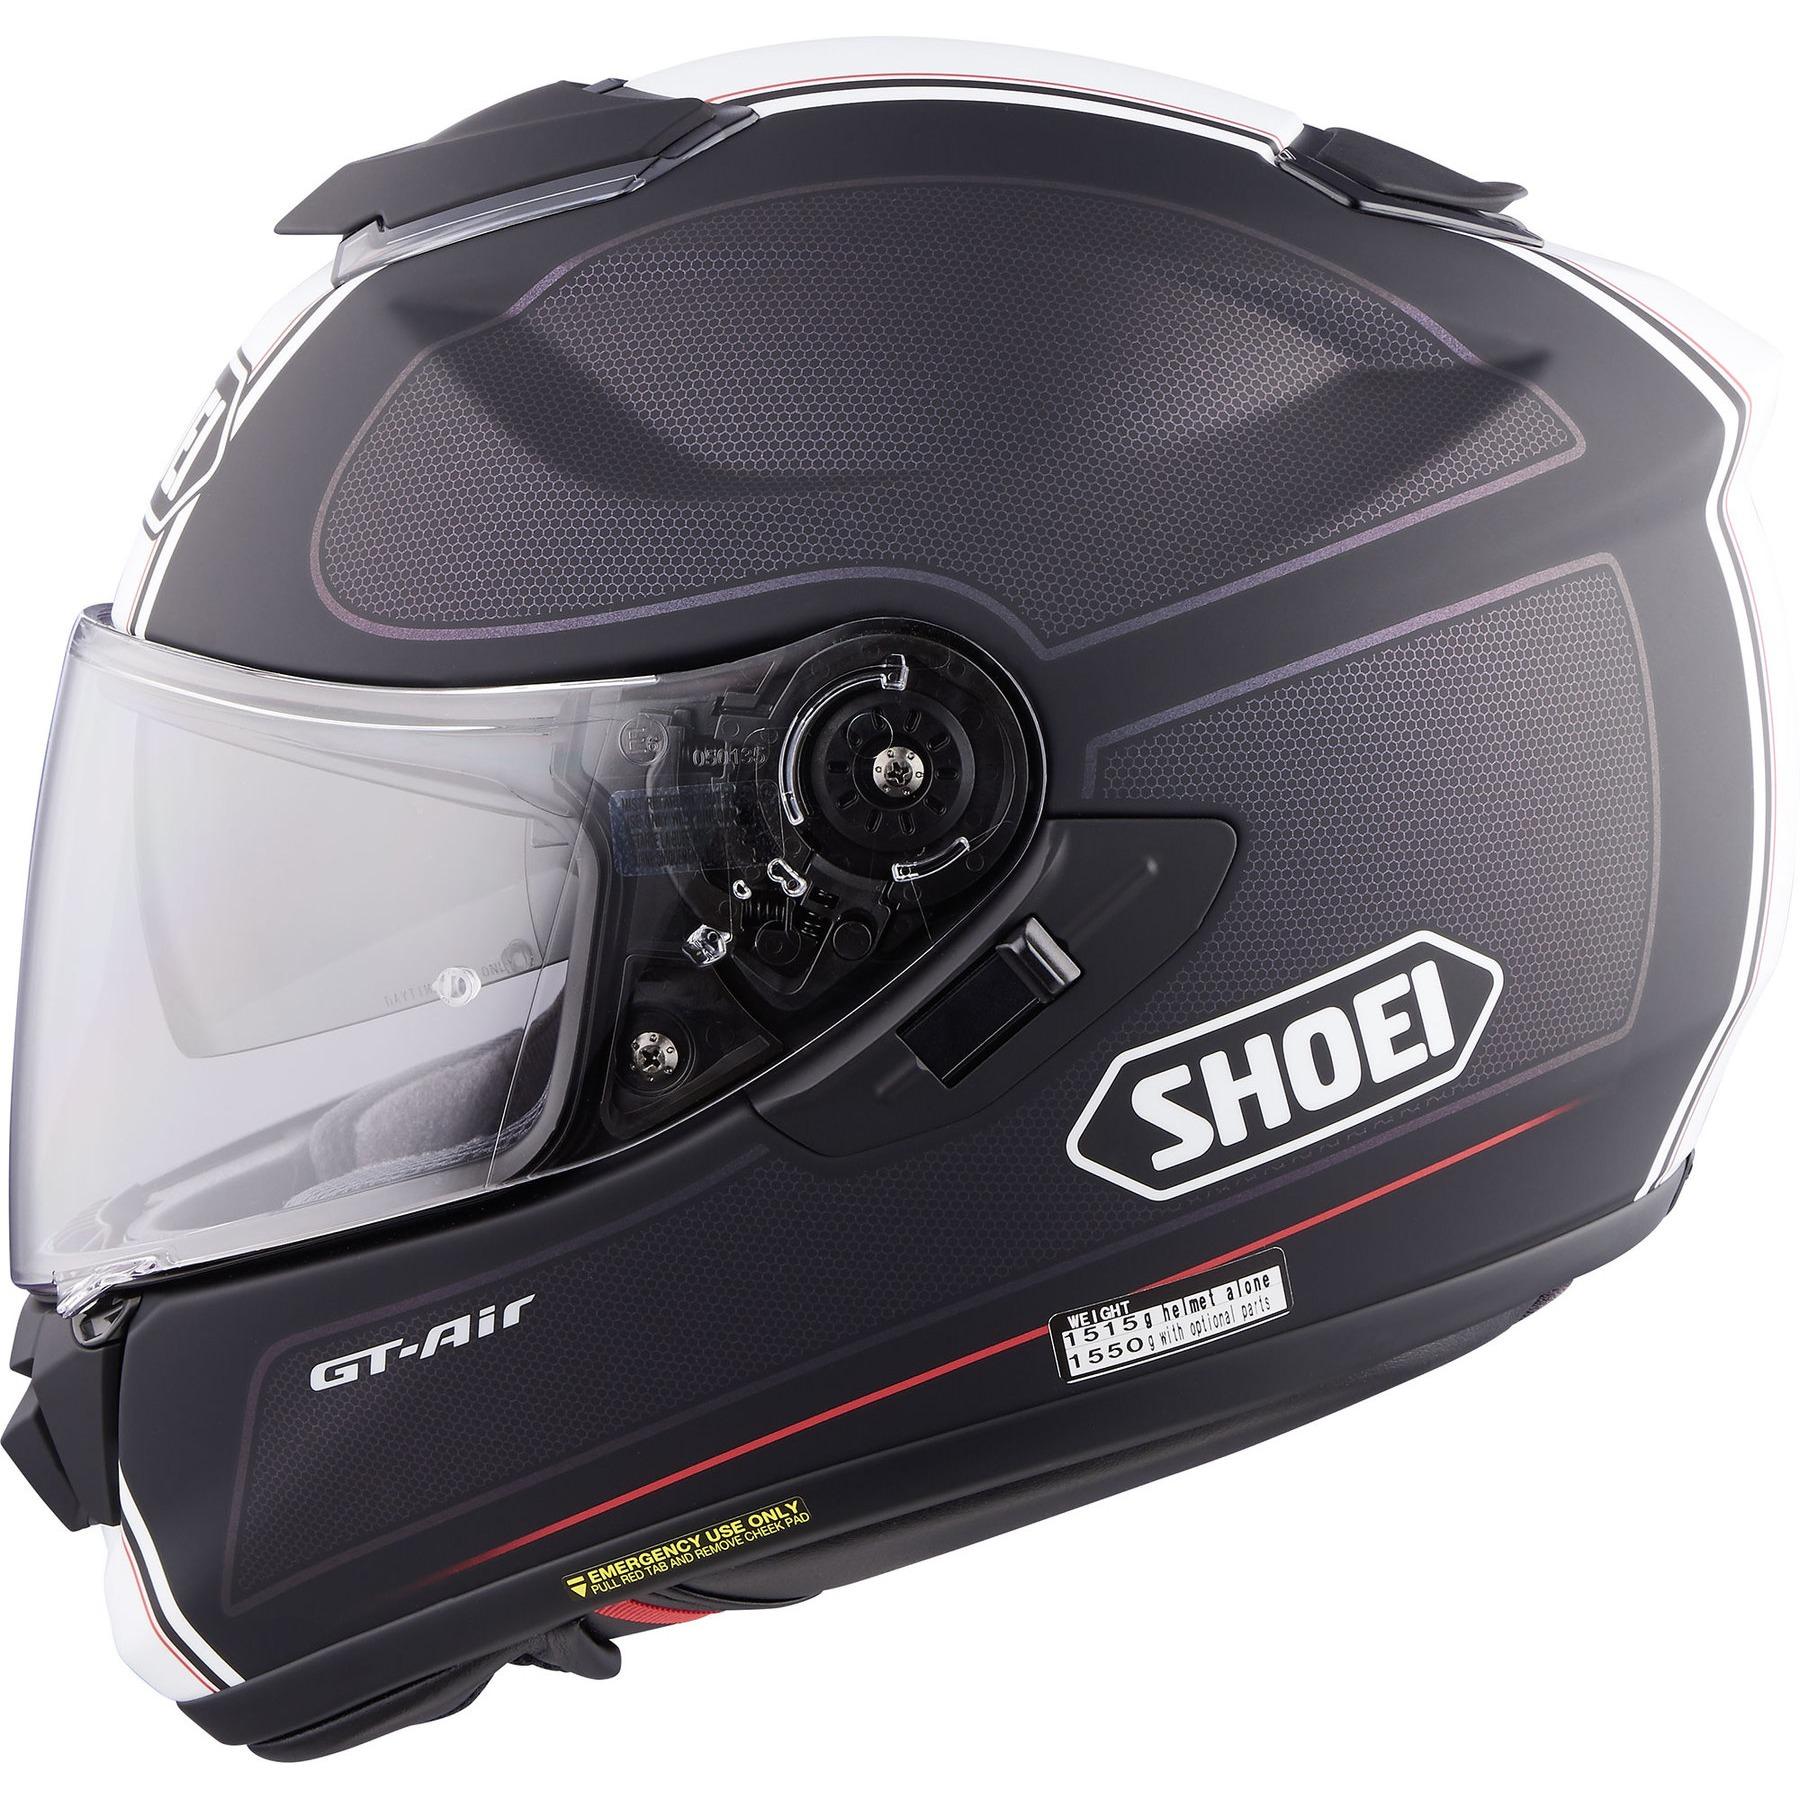 SHOEI GT-AIR WANDERER TC5 Integralhelm - Motorradhelm für 399€ kostenlose Lieferung